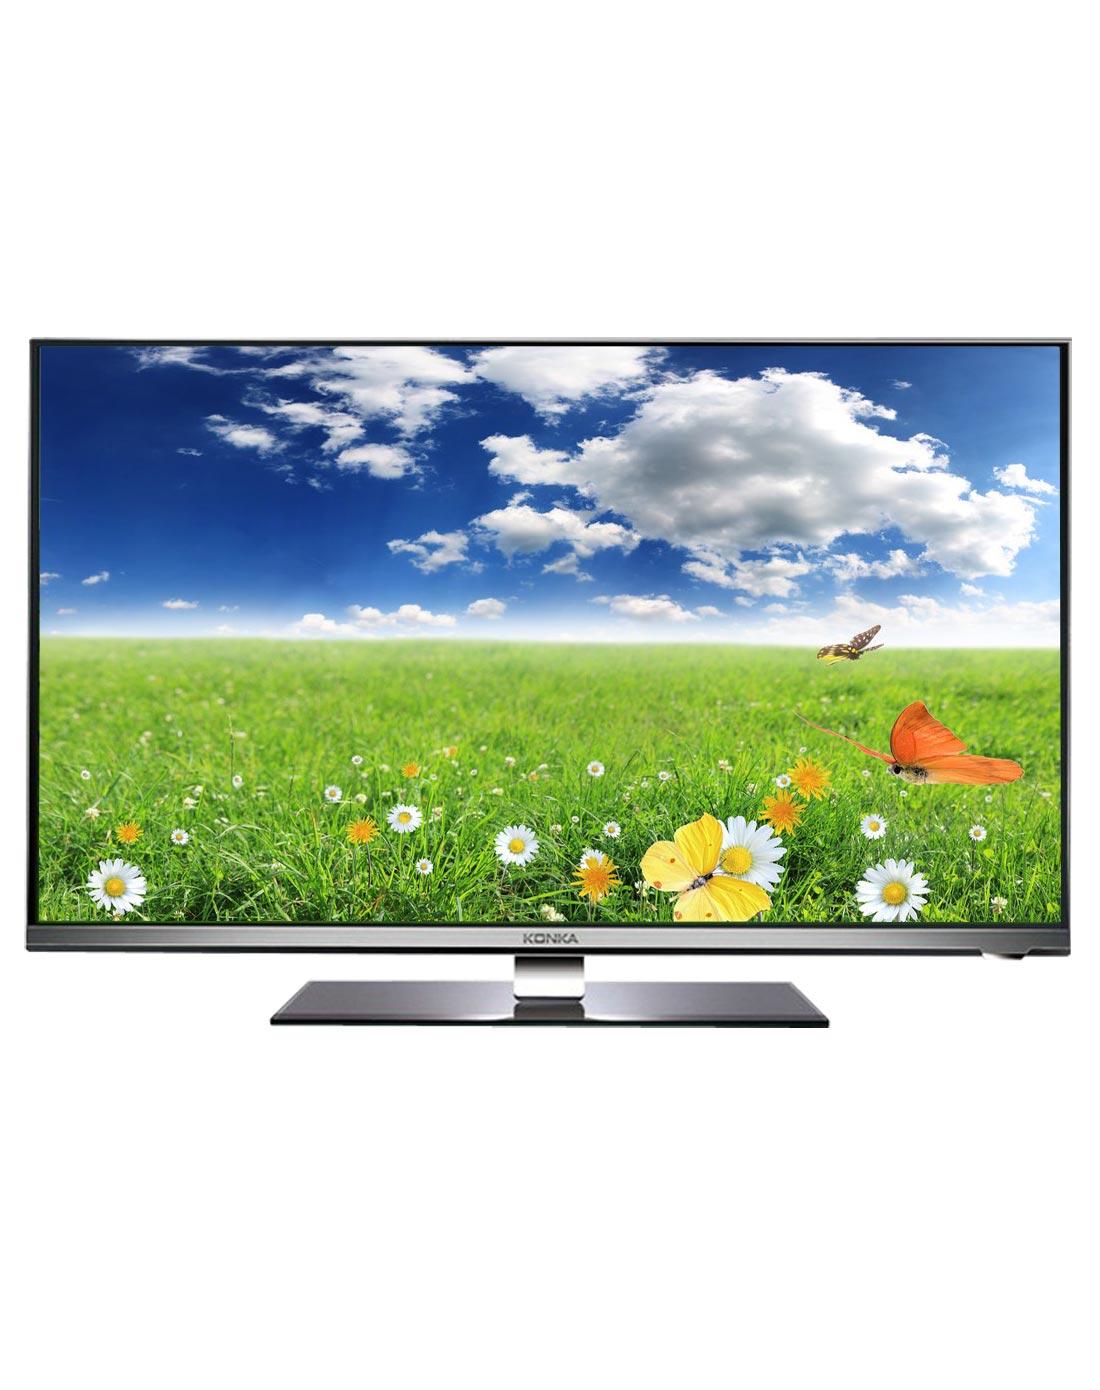 康佳konka电视专场42寸高清超薄网路智能3dled电视机